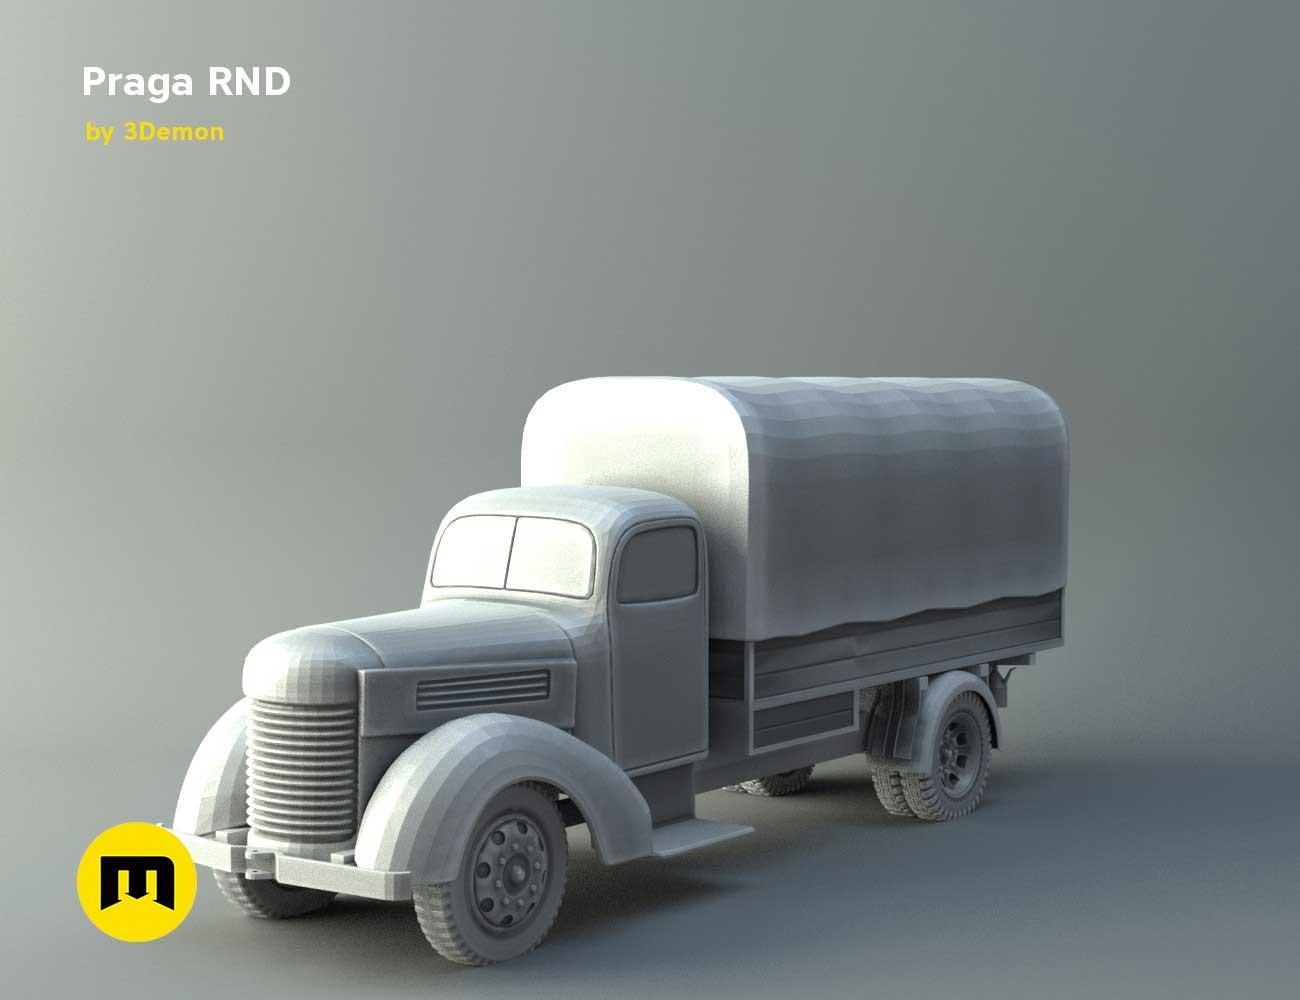 Praga RND 1950 truck